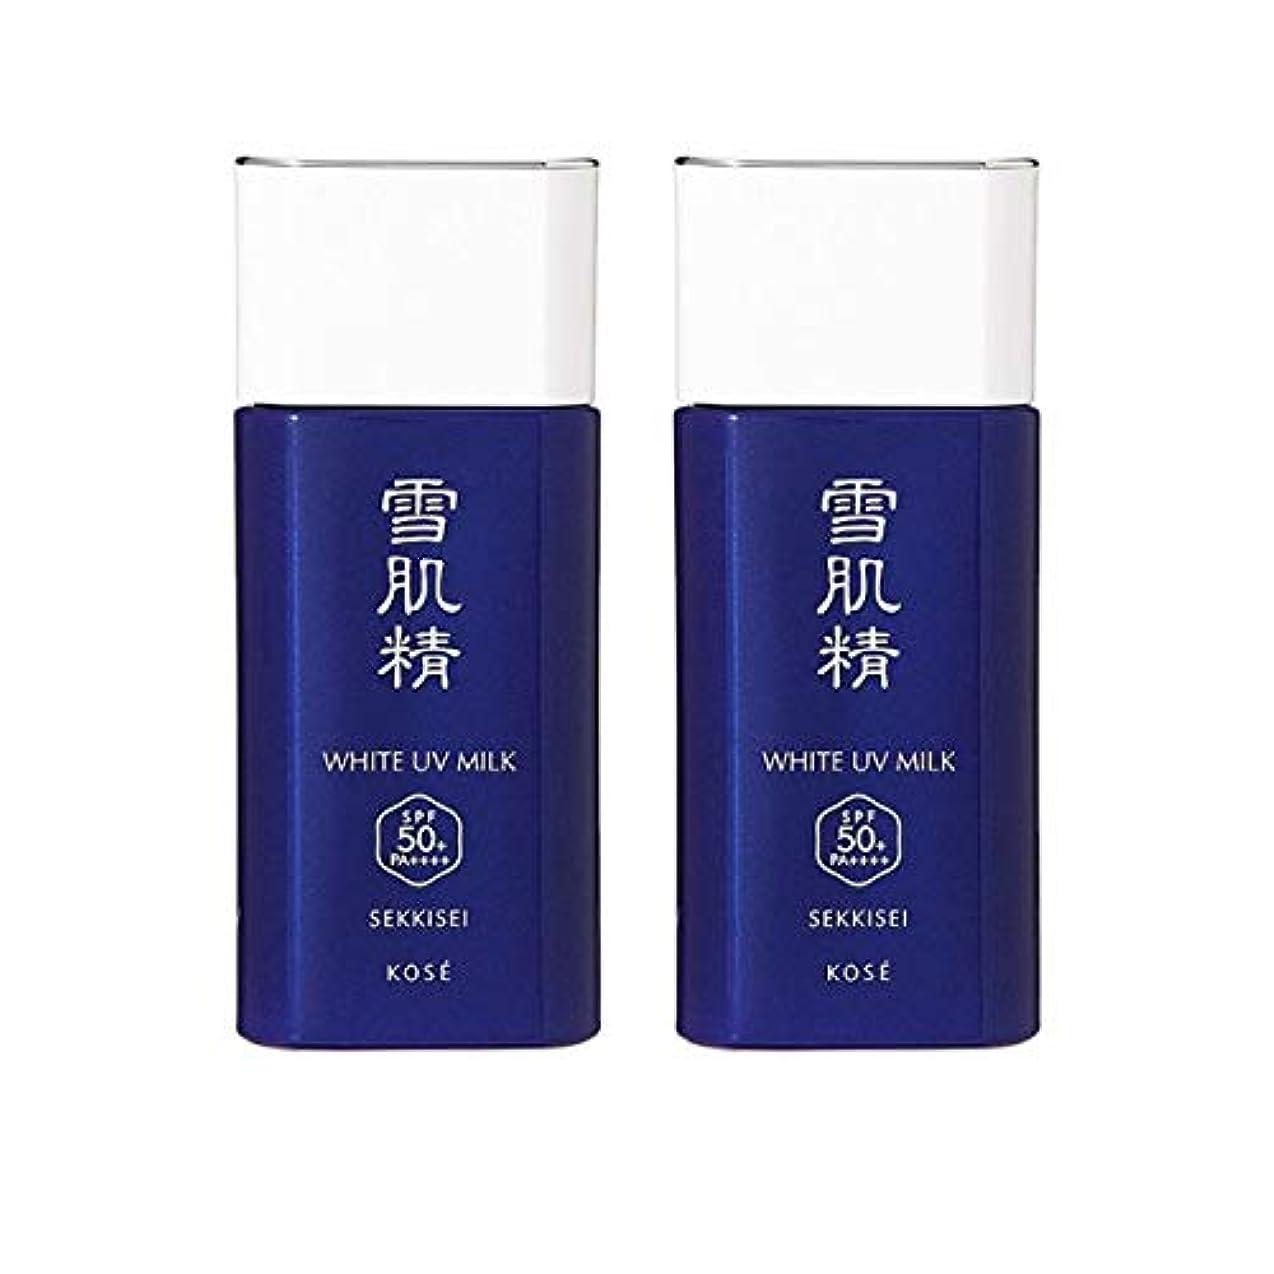 乳製品退屈な答え【セット】コーセー 雪肌精 ホワイト UV ミルク SPF50+/PA++++ 60g 2個セット